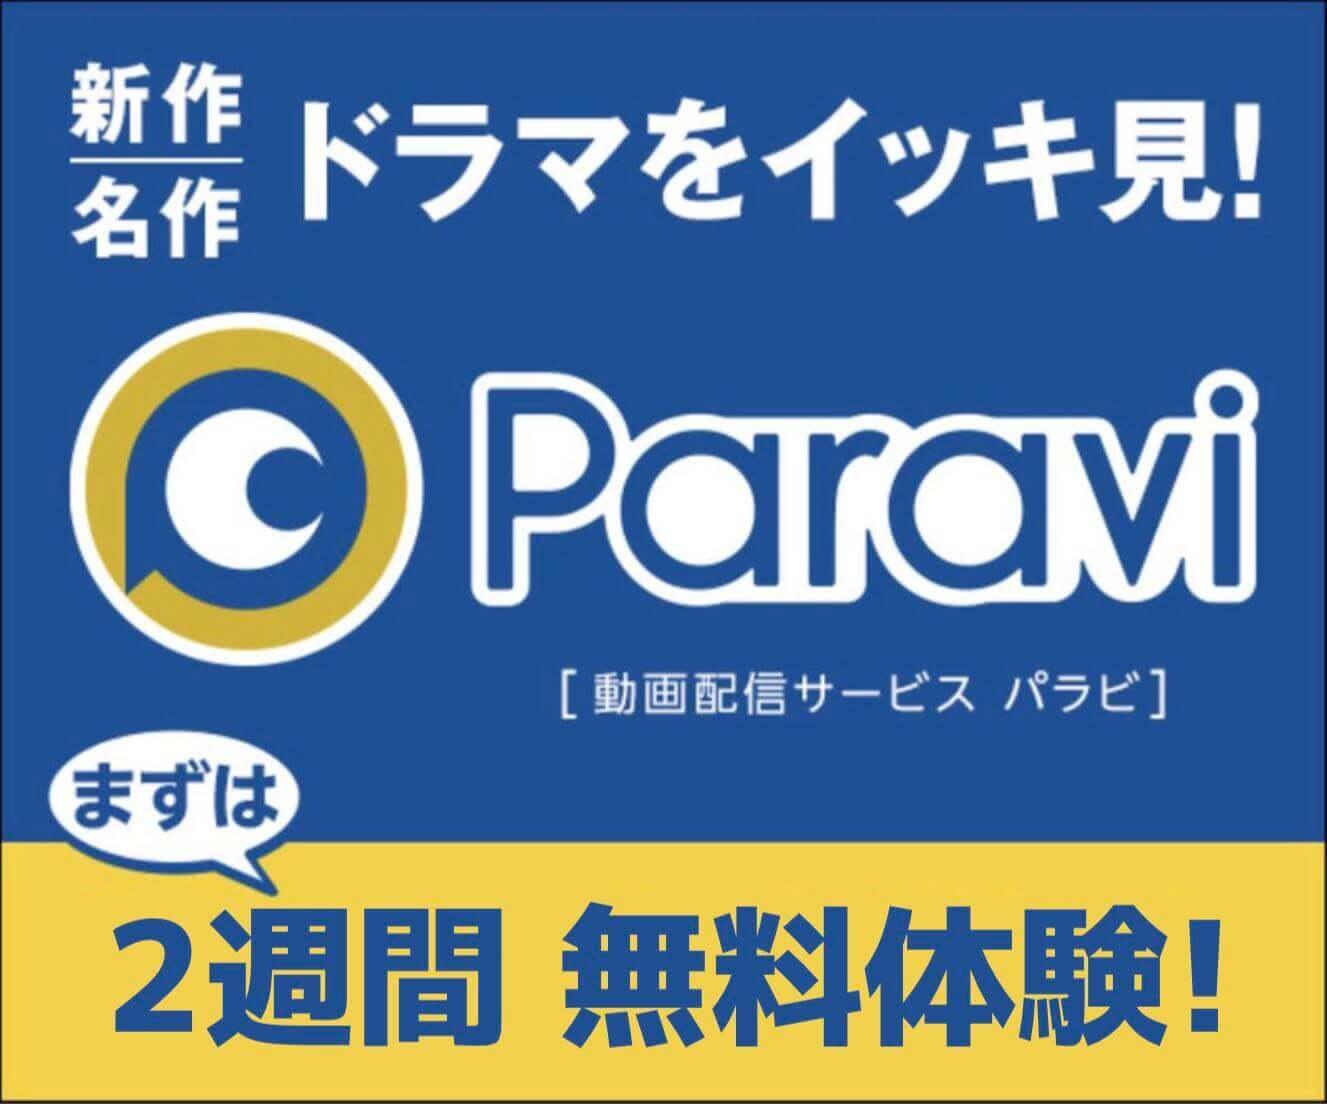 Paravi2週間の無料登録で映画やドラマなど動画が見放題!